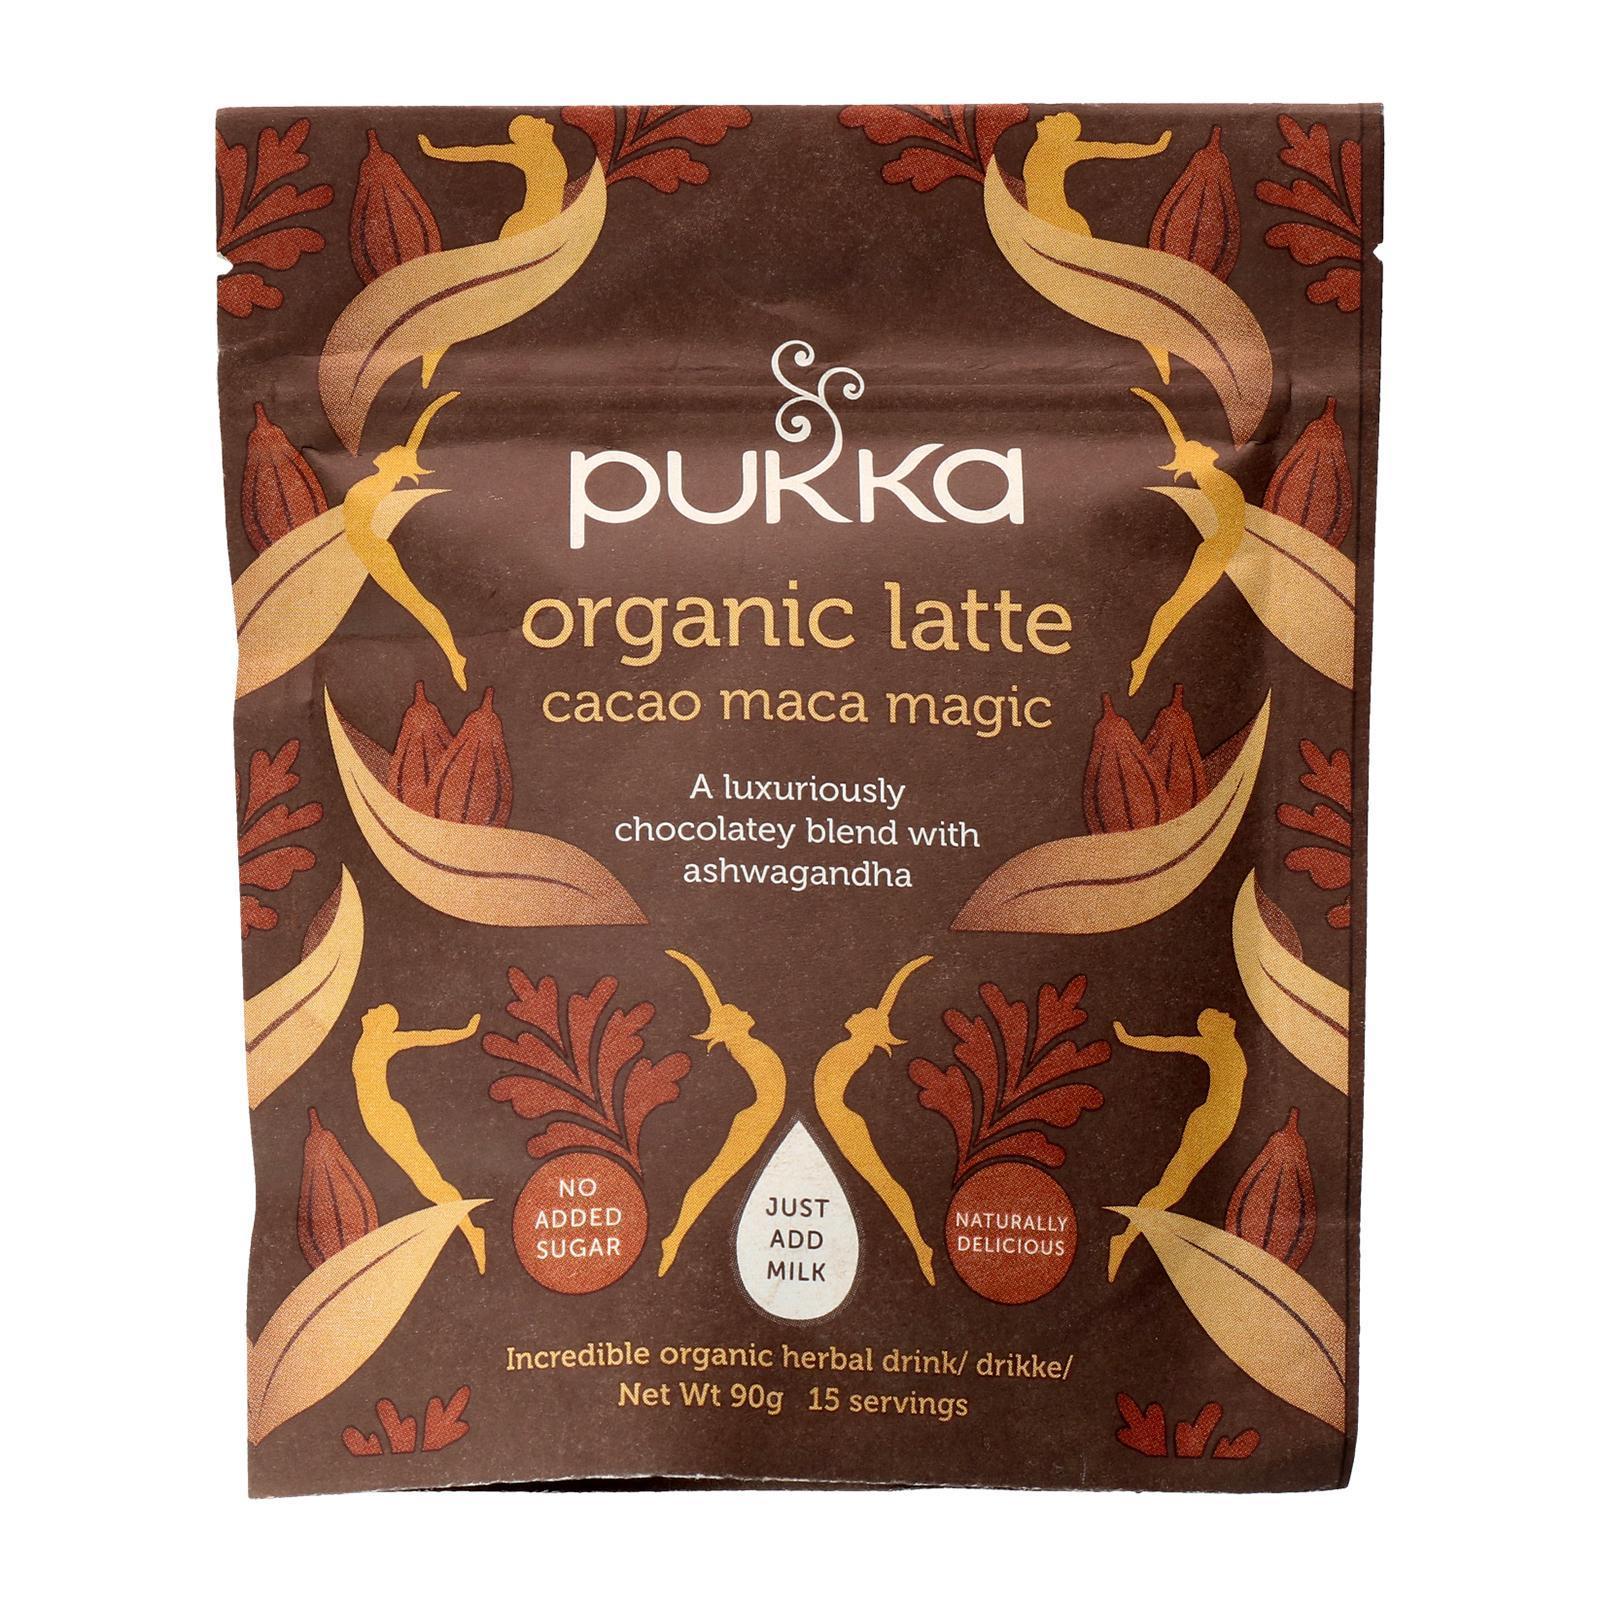 Pukka Herbal Ayurveda Pukka Organic Maca Magic Latte (4 x 90 g) - By Wholesome Harvest